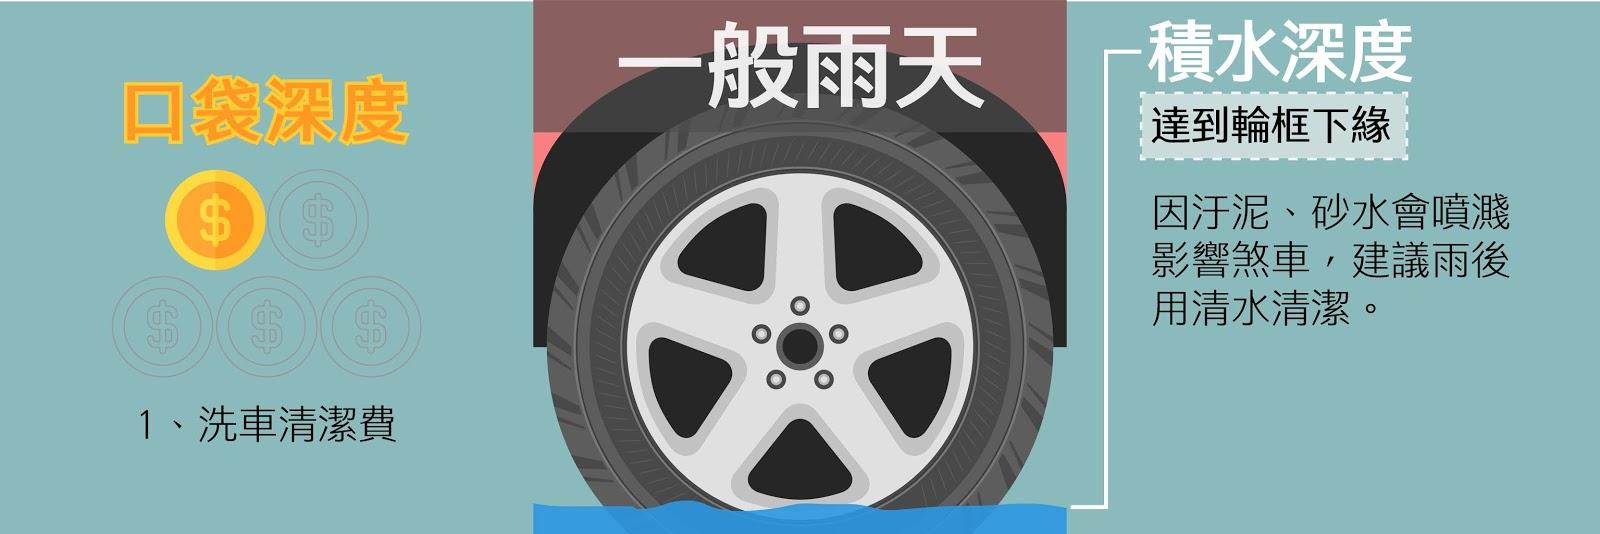 一般雨天遇到泡水,通常積水只到輪胎下緣,要注意洗車清潔費用,洗去汙泥、砂水,以免影響煞車、碟盤的作動